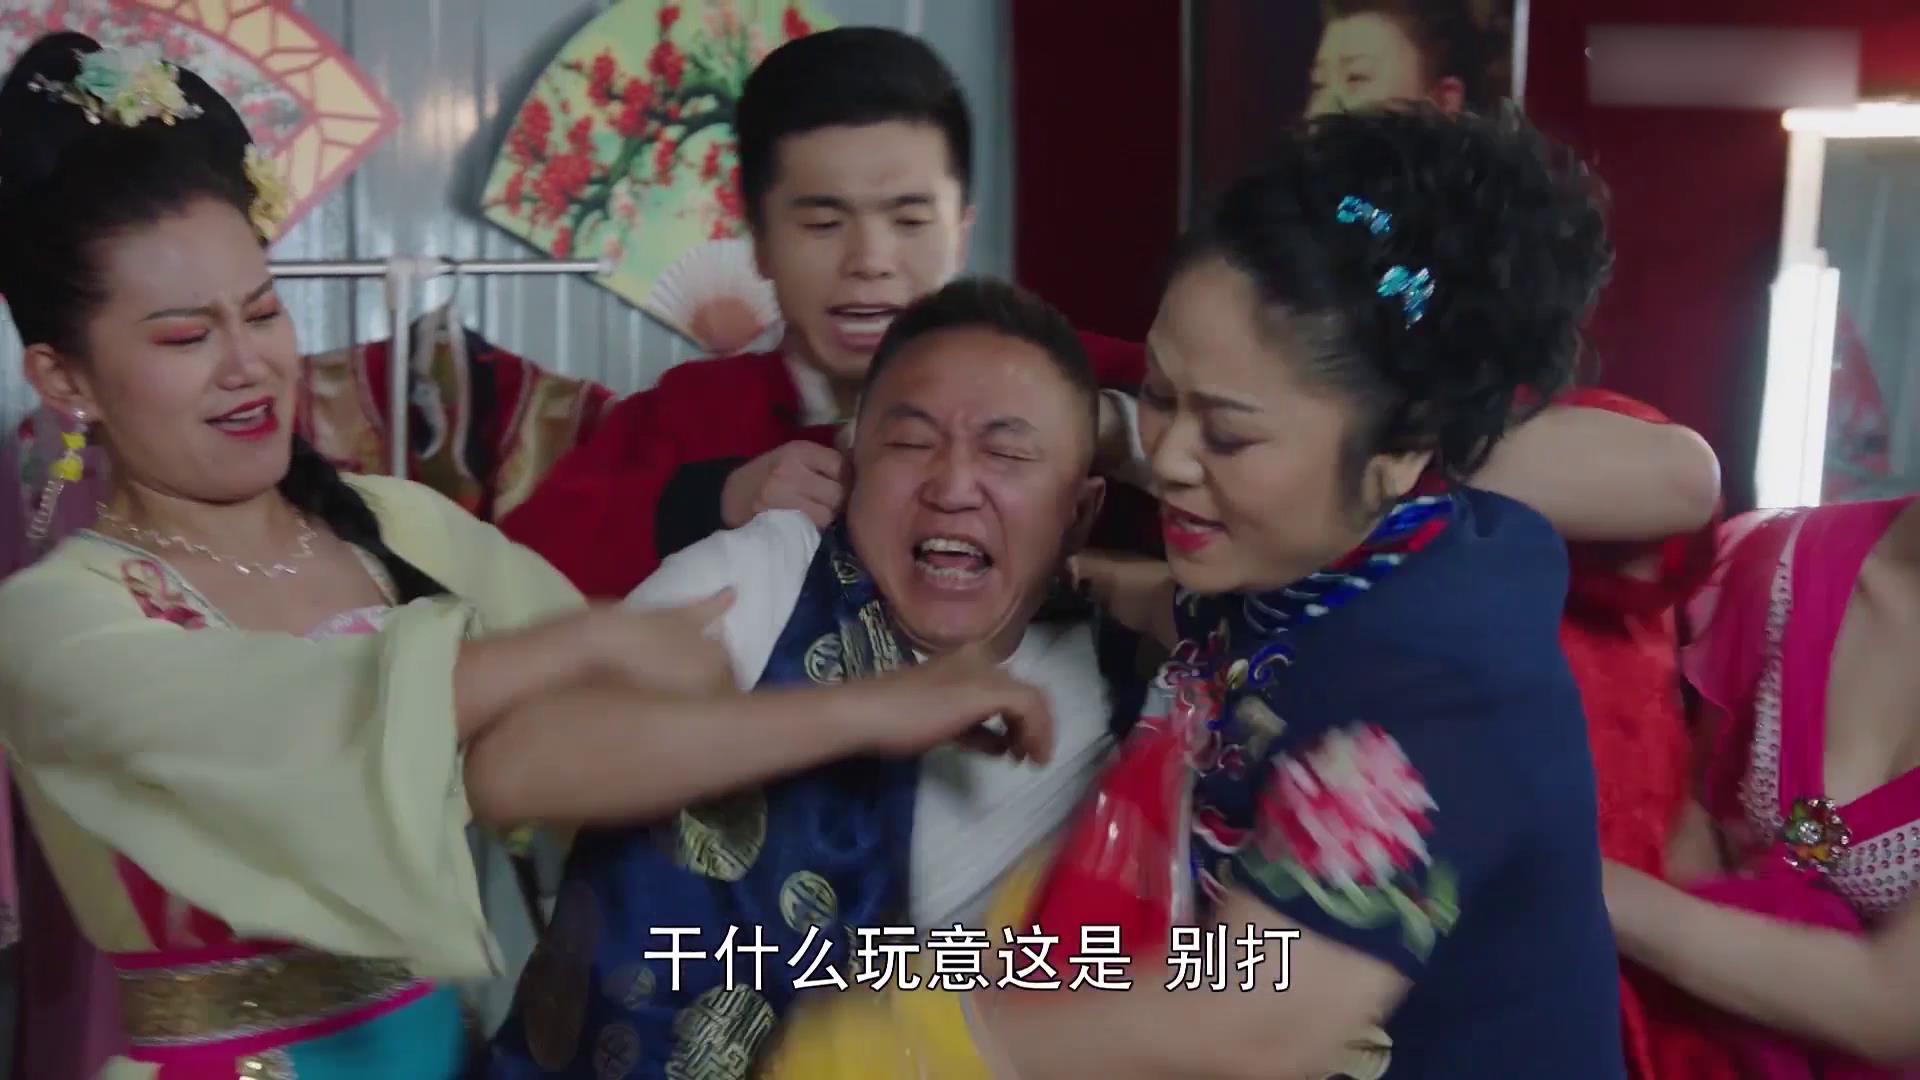 刘老根3电视剧 刘老根第三部全集56